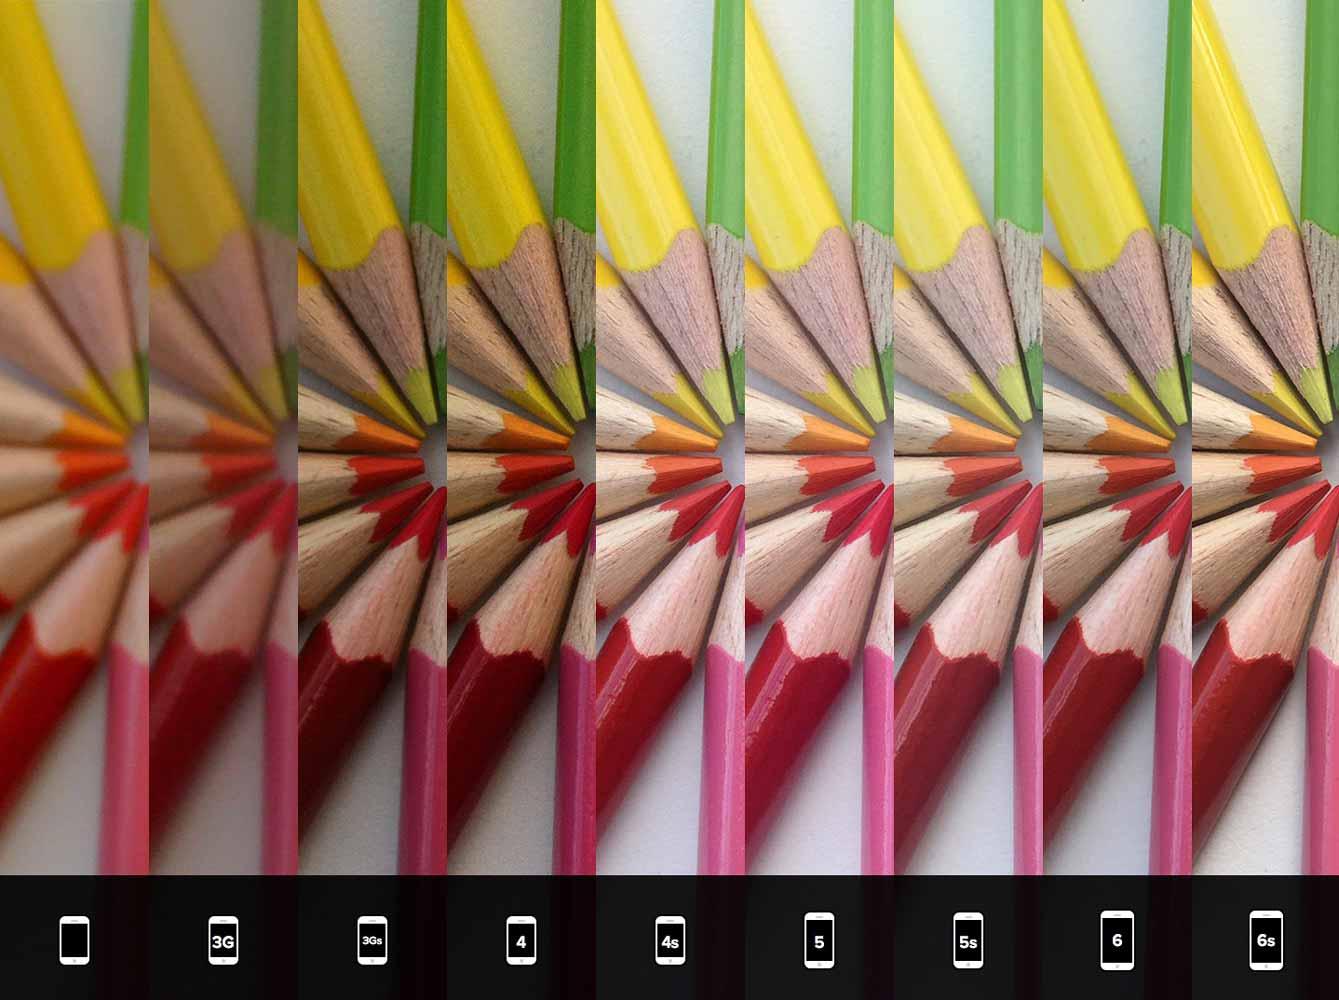 「iPhone 6s」を含むすべての世代のiPhoneで撮影された写真の比較